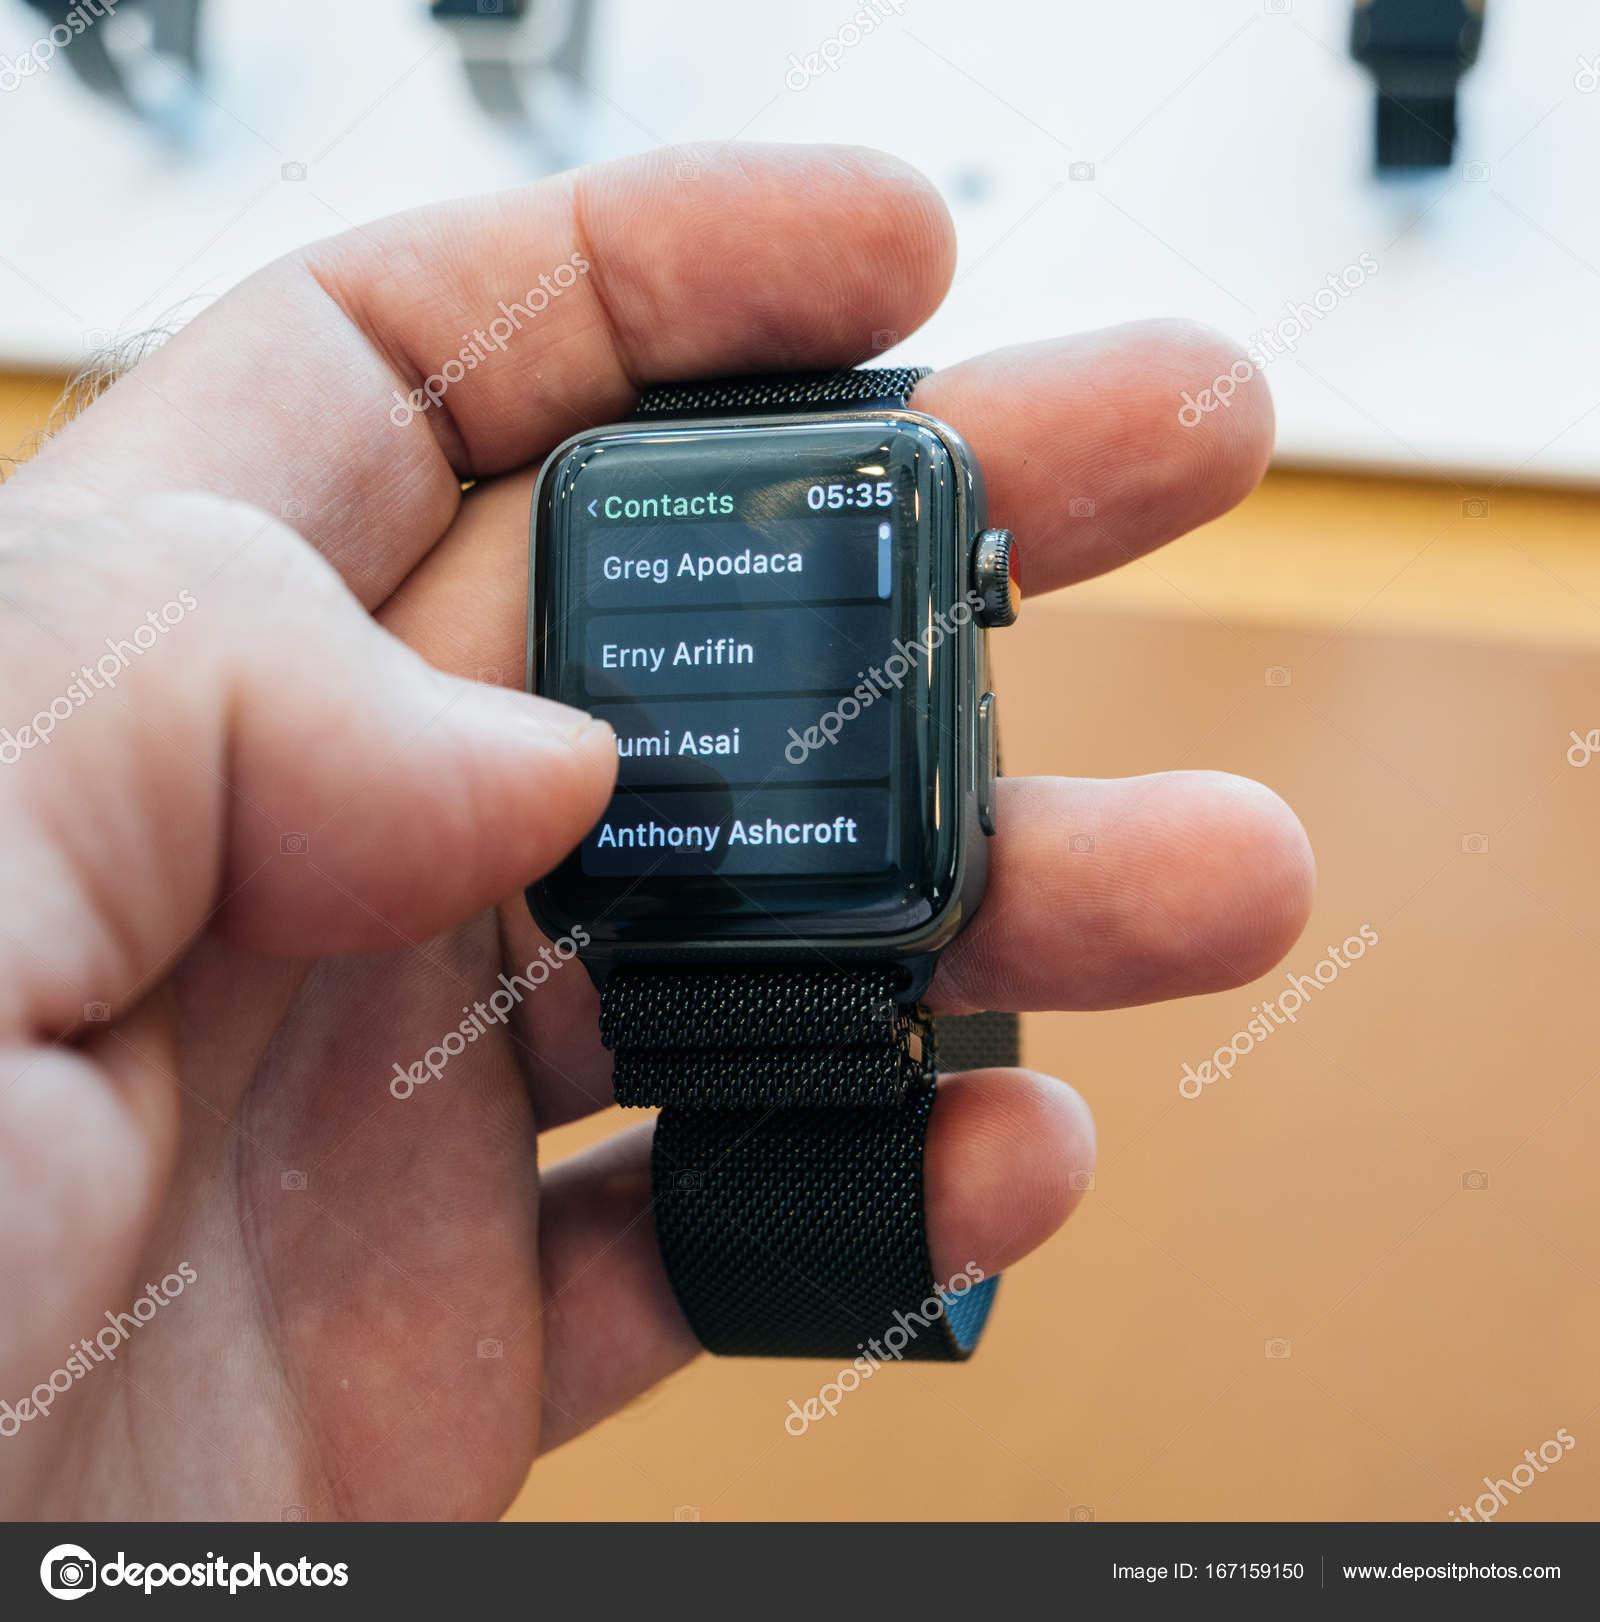 新しい apple watch シリーズ 3 ダイヤル番号電話番号連絡先アプリ